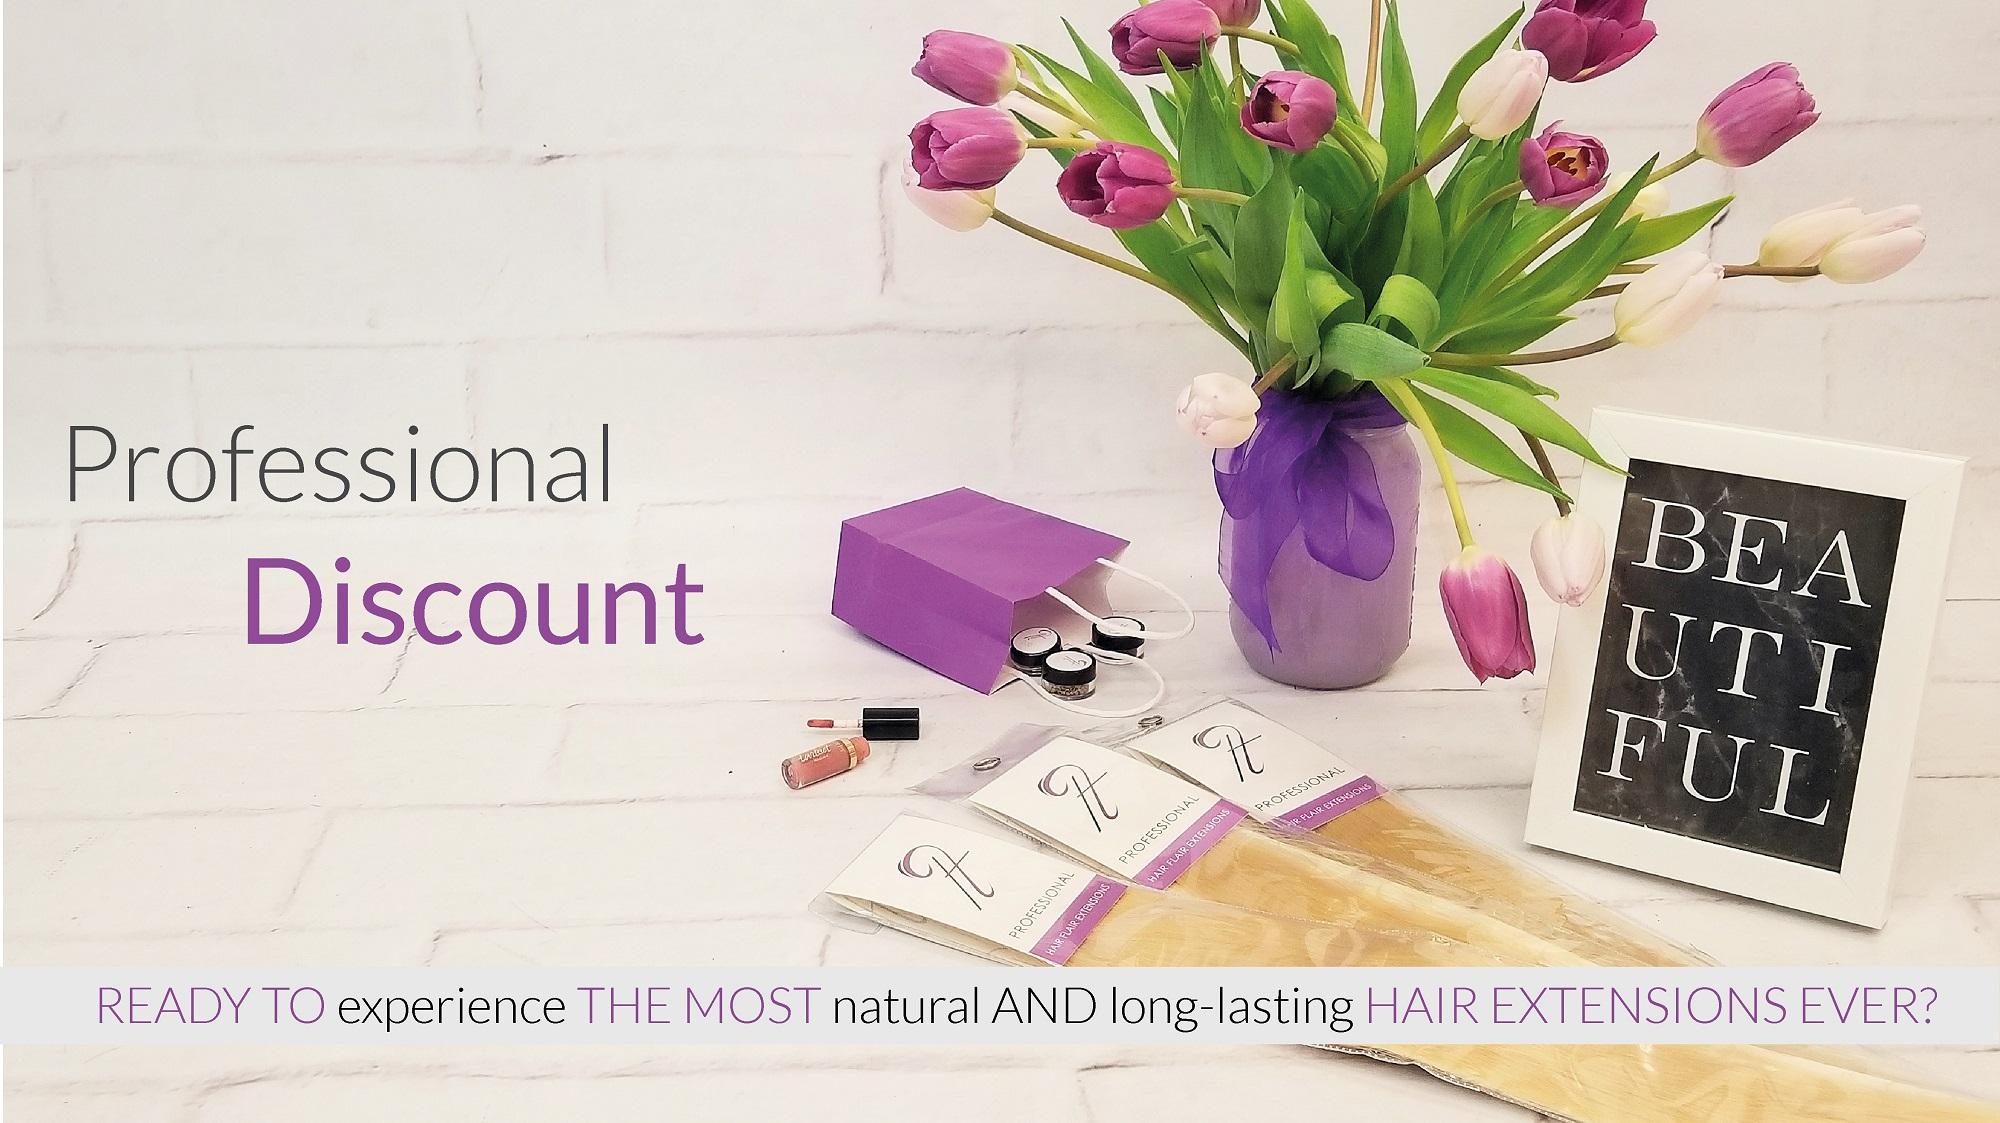 wholesale-hair-extensions-hf.jpg